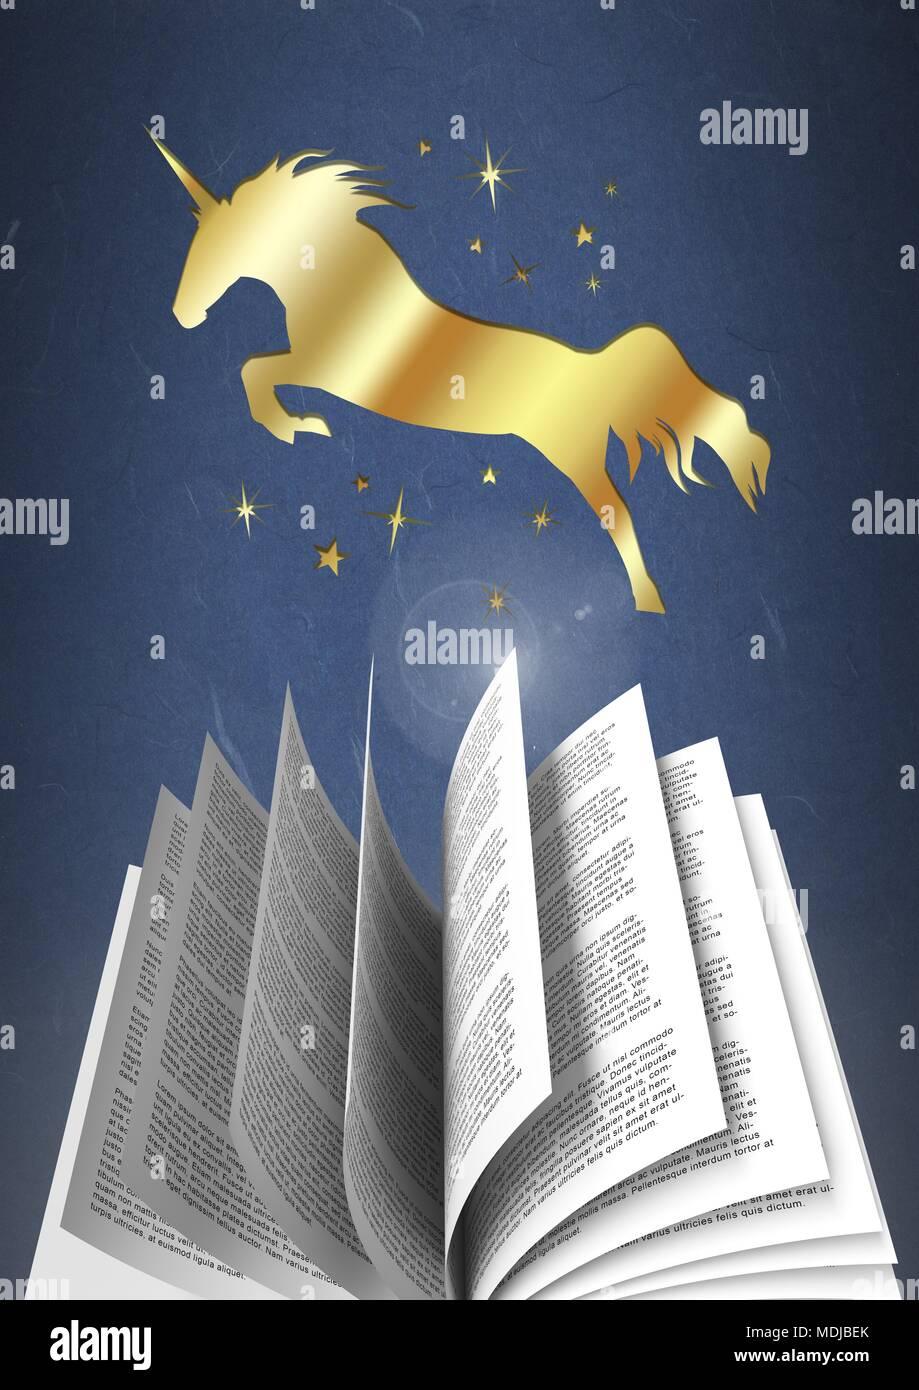 Licorne D Or Au Saut En Tournant La Page Livre De Magie